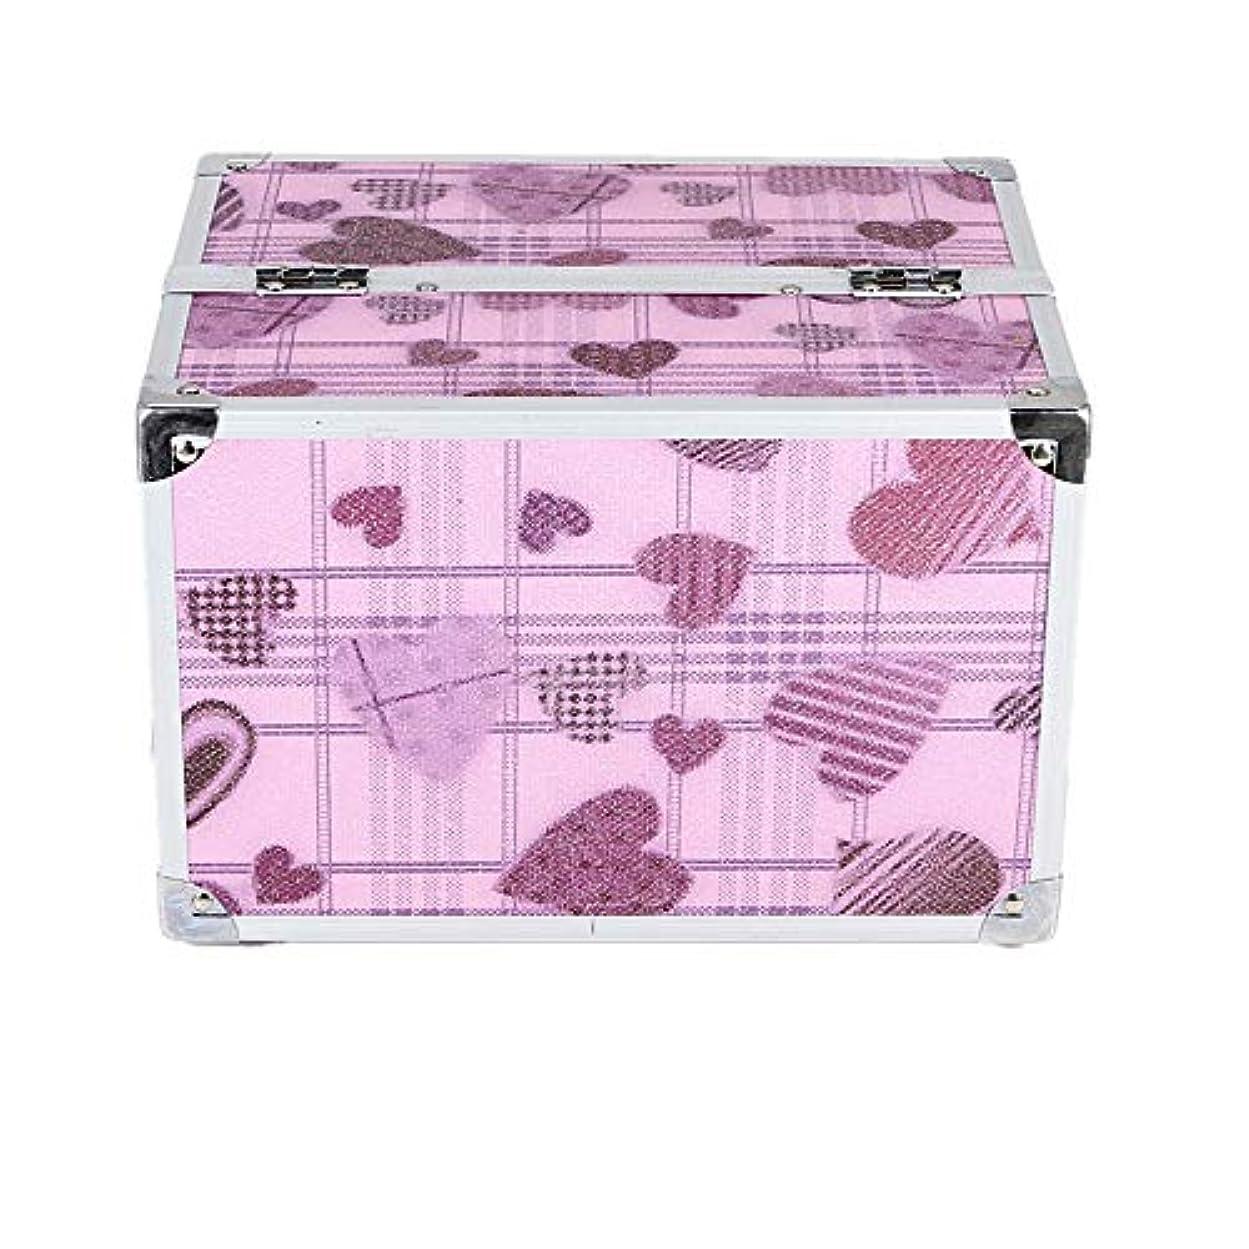 教科書配管ディスカウント化粧オーガナイザーバッグ かわいいハートパターントラベルアクセサリーのためのポータブル化粧ケースシャンプーボディウォッシュパーソナルアイテム収納トレイ 化粧品ケース